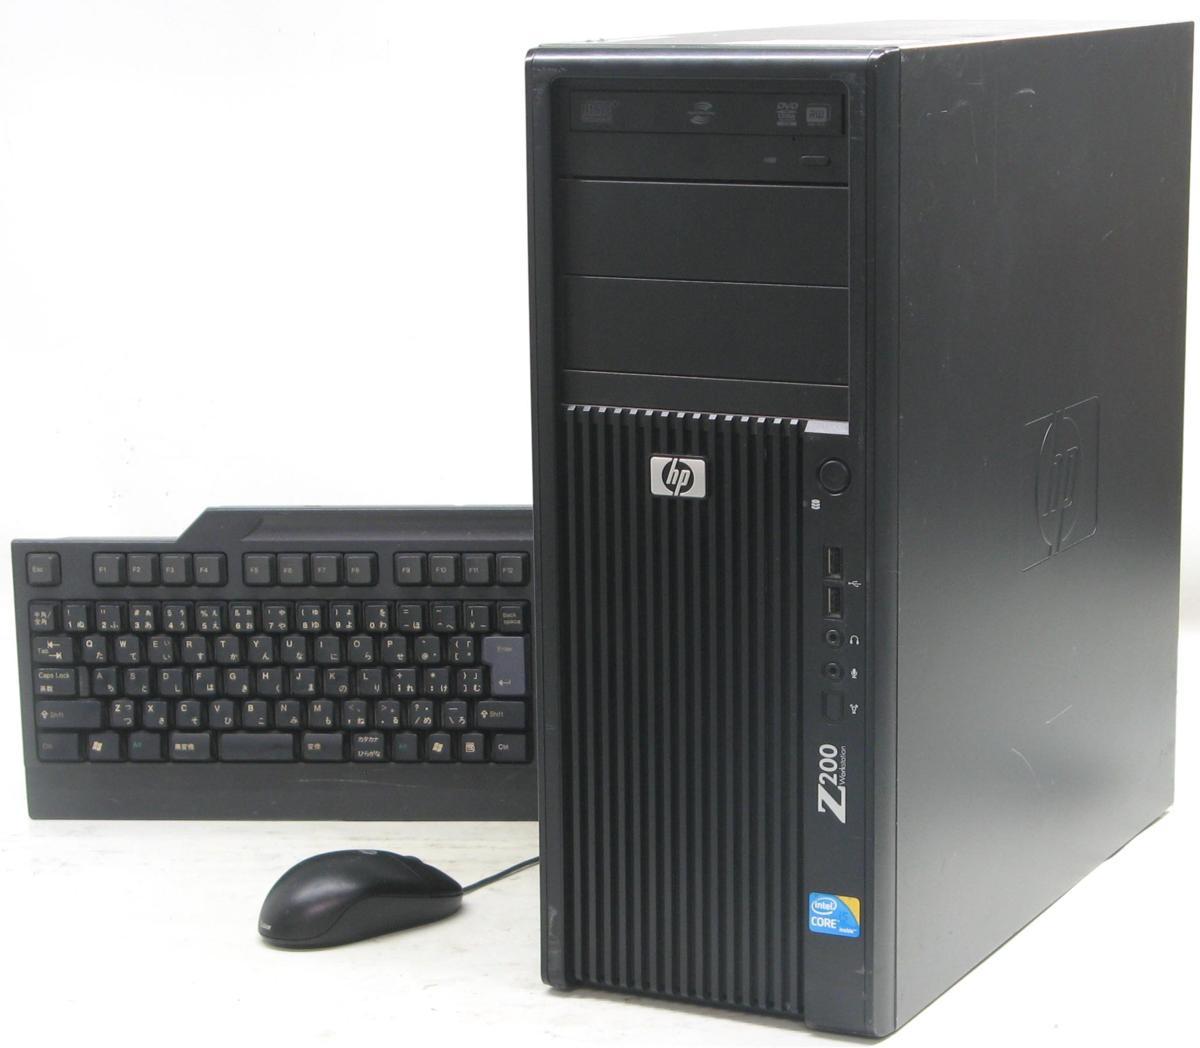 中古パソコン デスクトップ Windows10 HP Z200 Workstation(ヒューレットパッカード Windows10 Corei5 DVDスーパーマルチドライブ)【中古】【中古パソコン/中古PC】